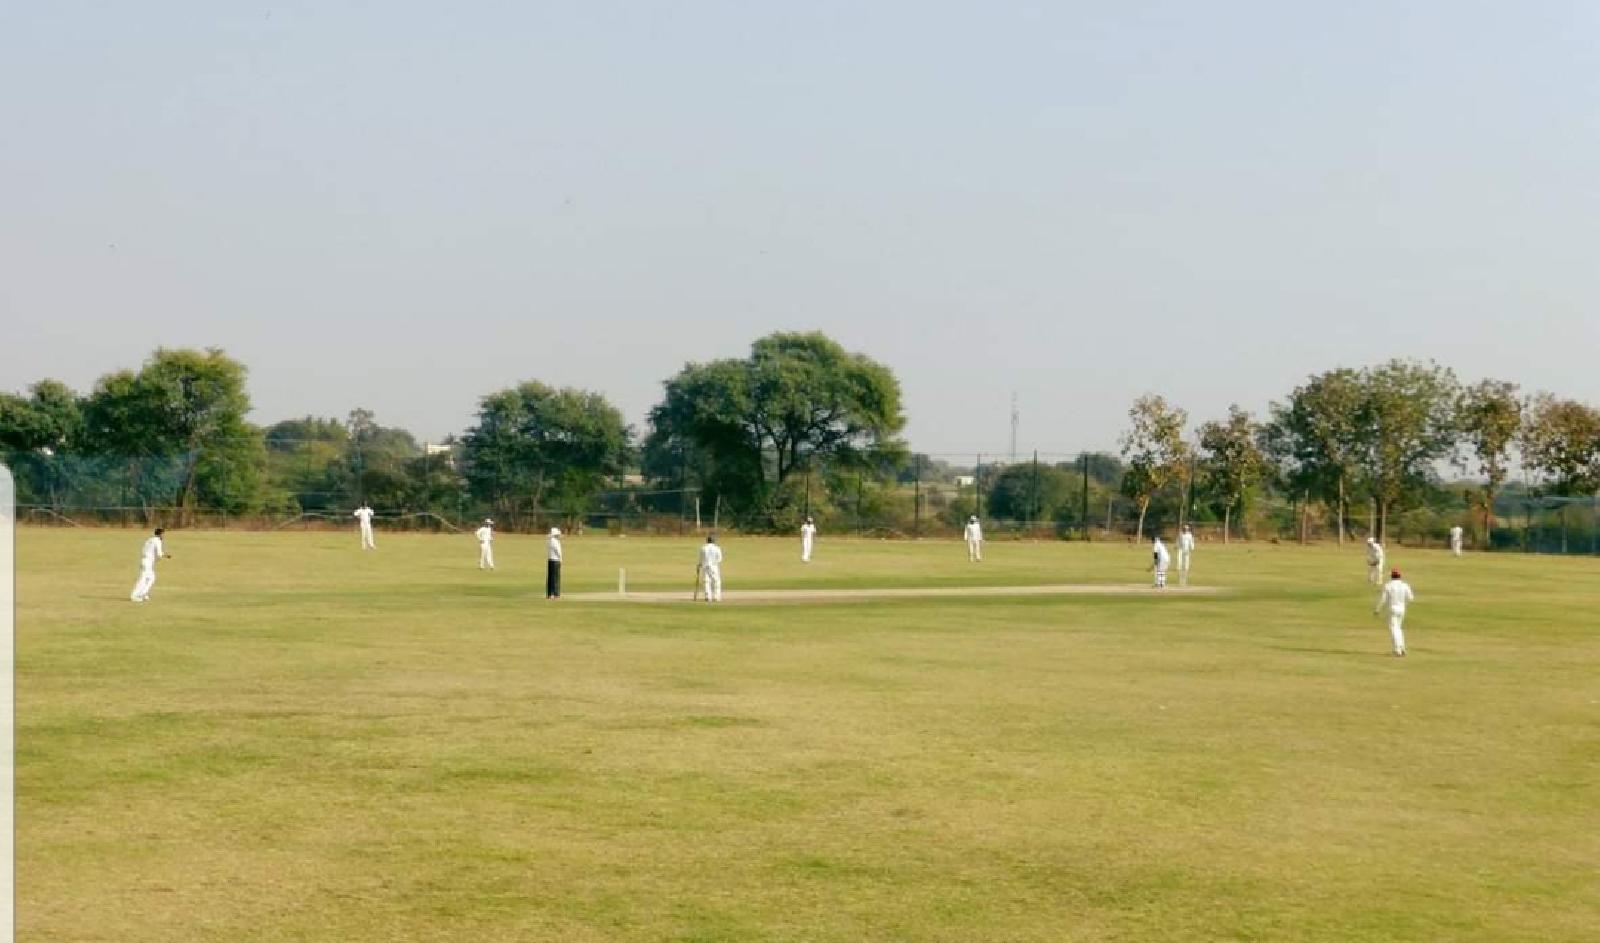 BVRS Cricket Ground